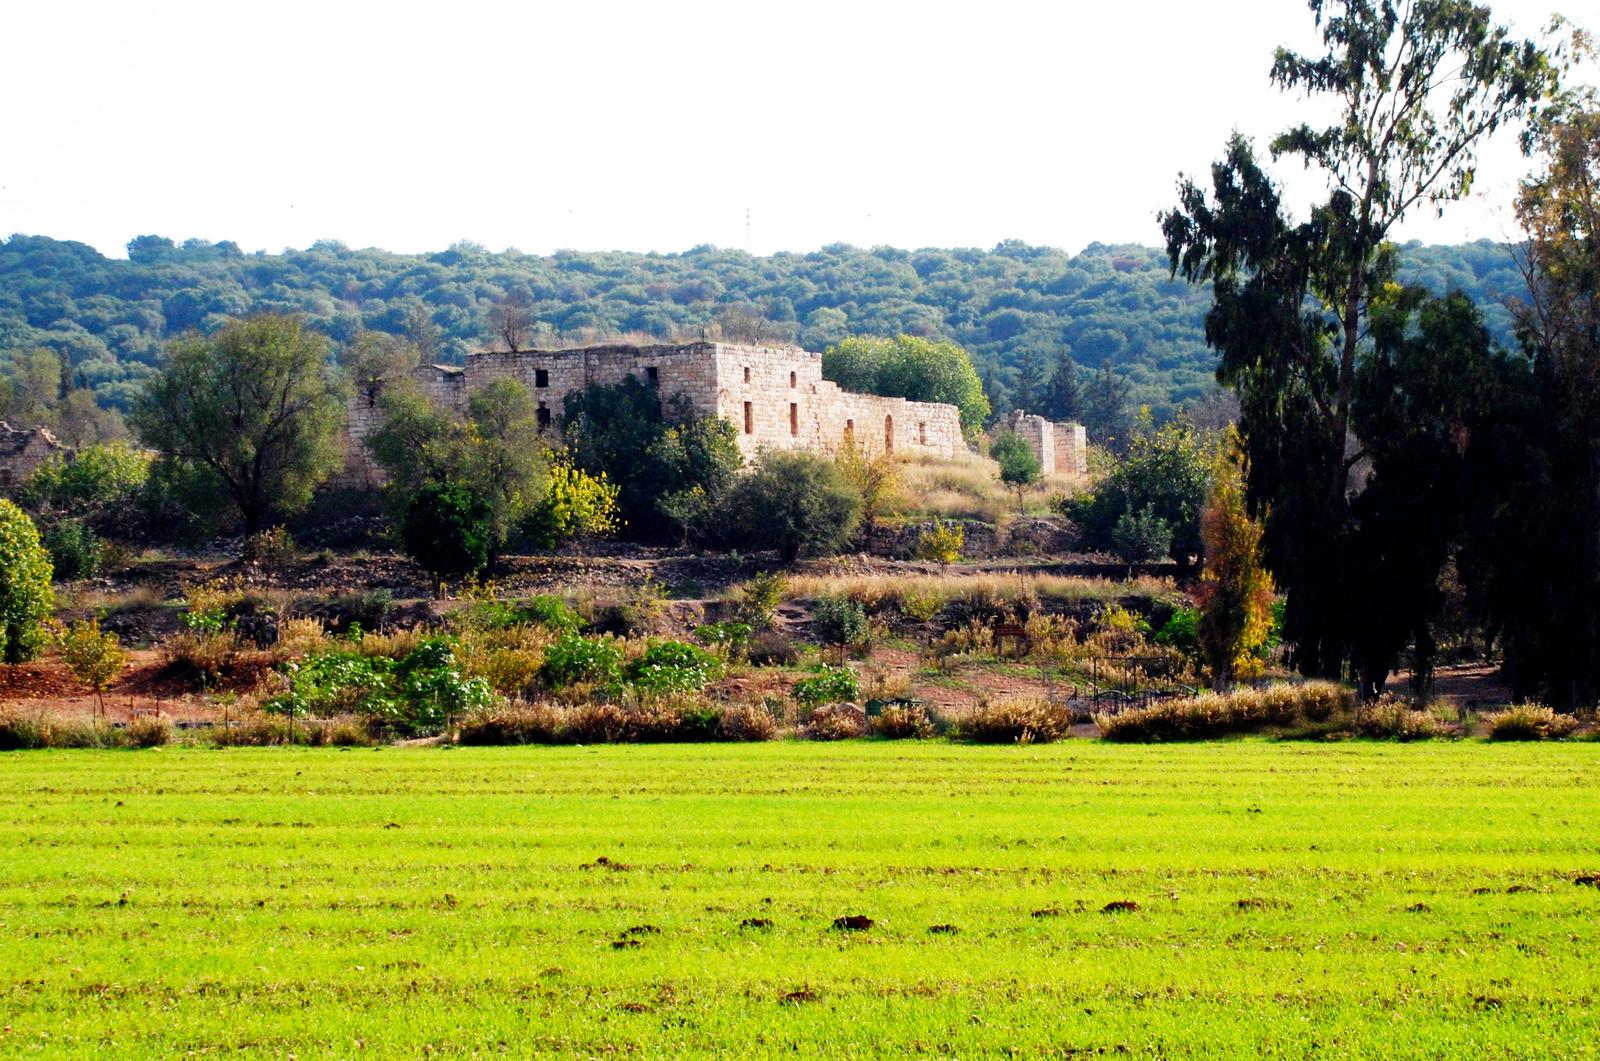 גליל מערבי - חורבת געתון - שרידי אחוזה מהתק' העותמנית  הבנויים על שרידים קדומים ביותר